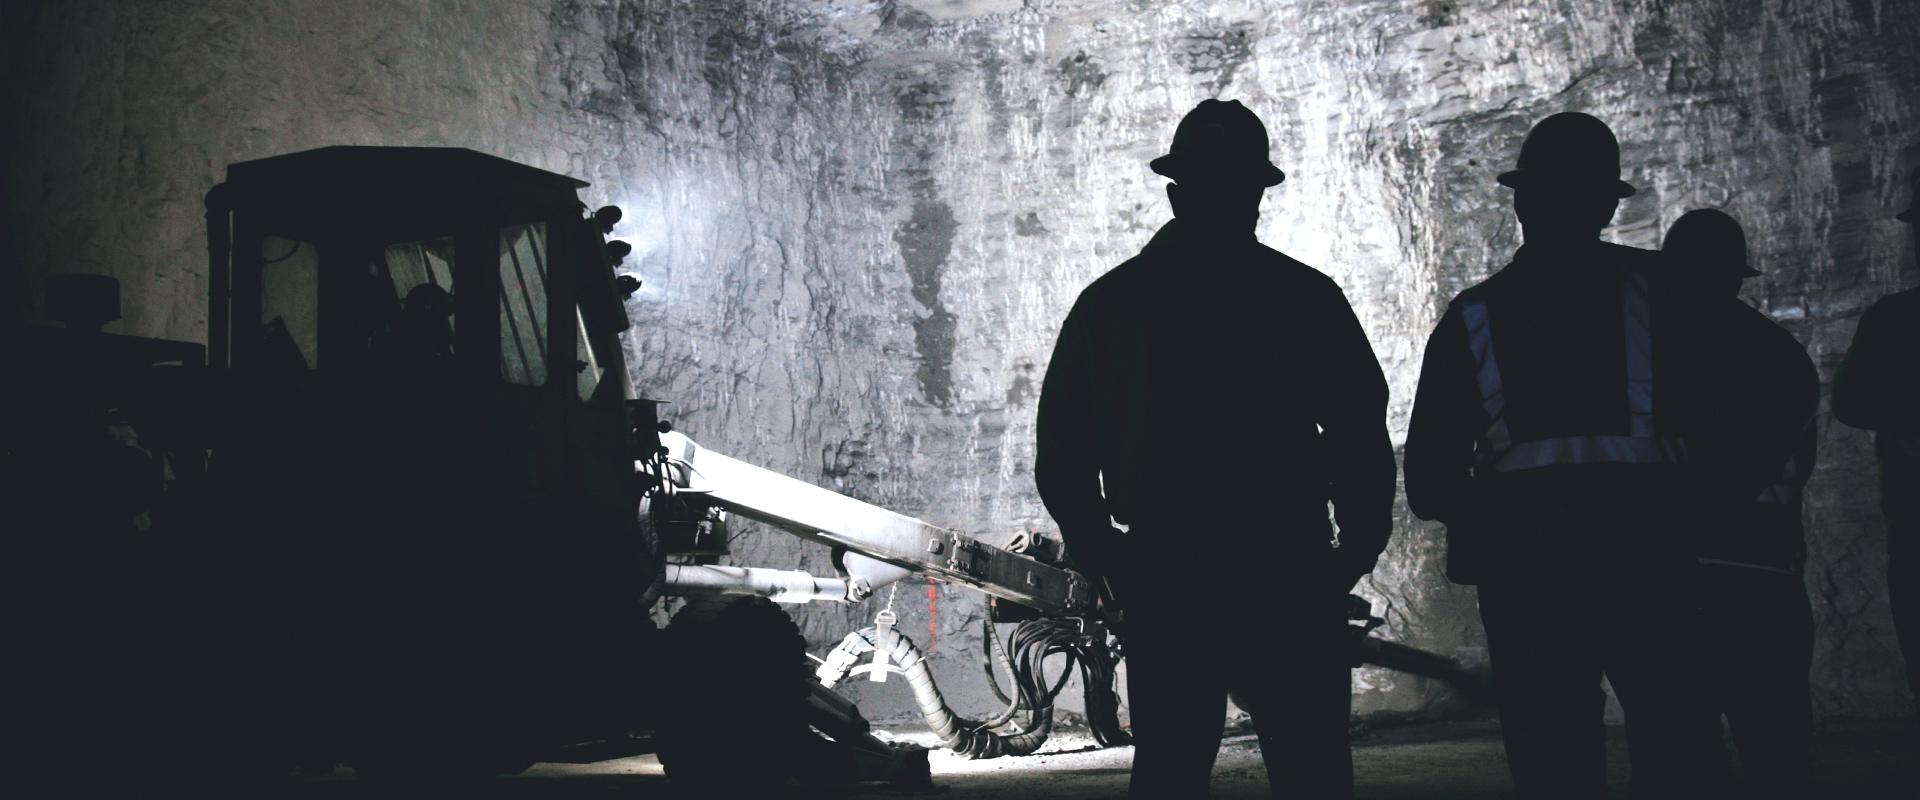 men working in an underground mine